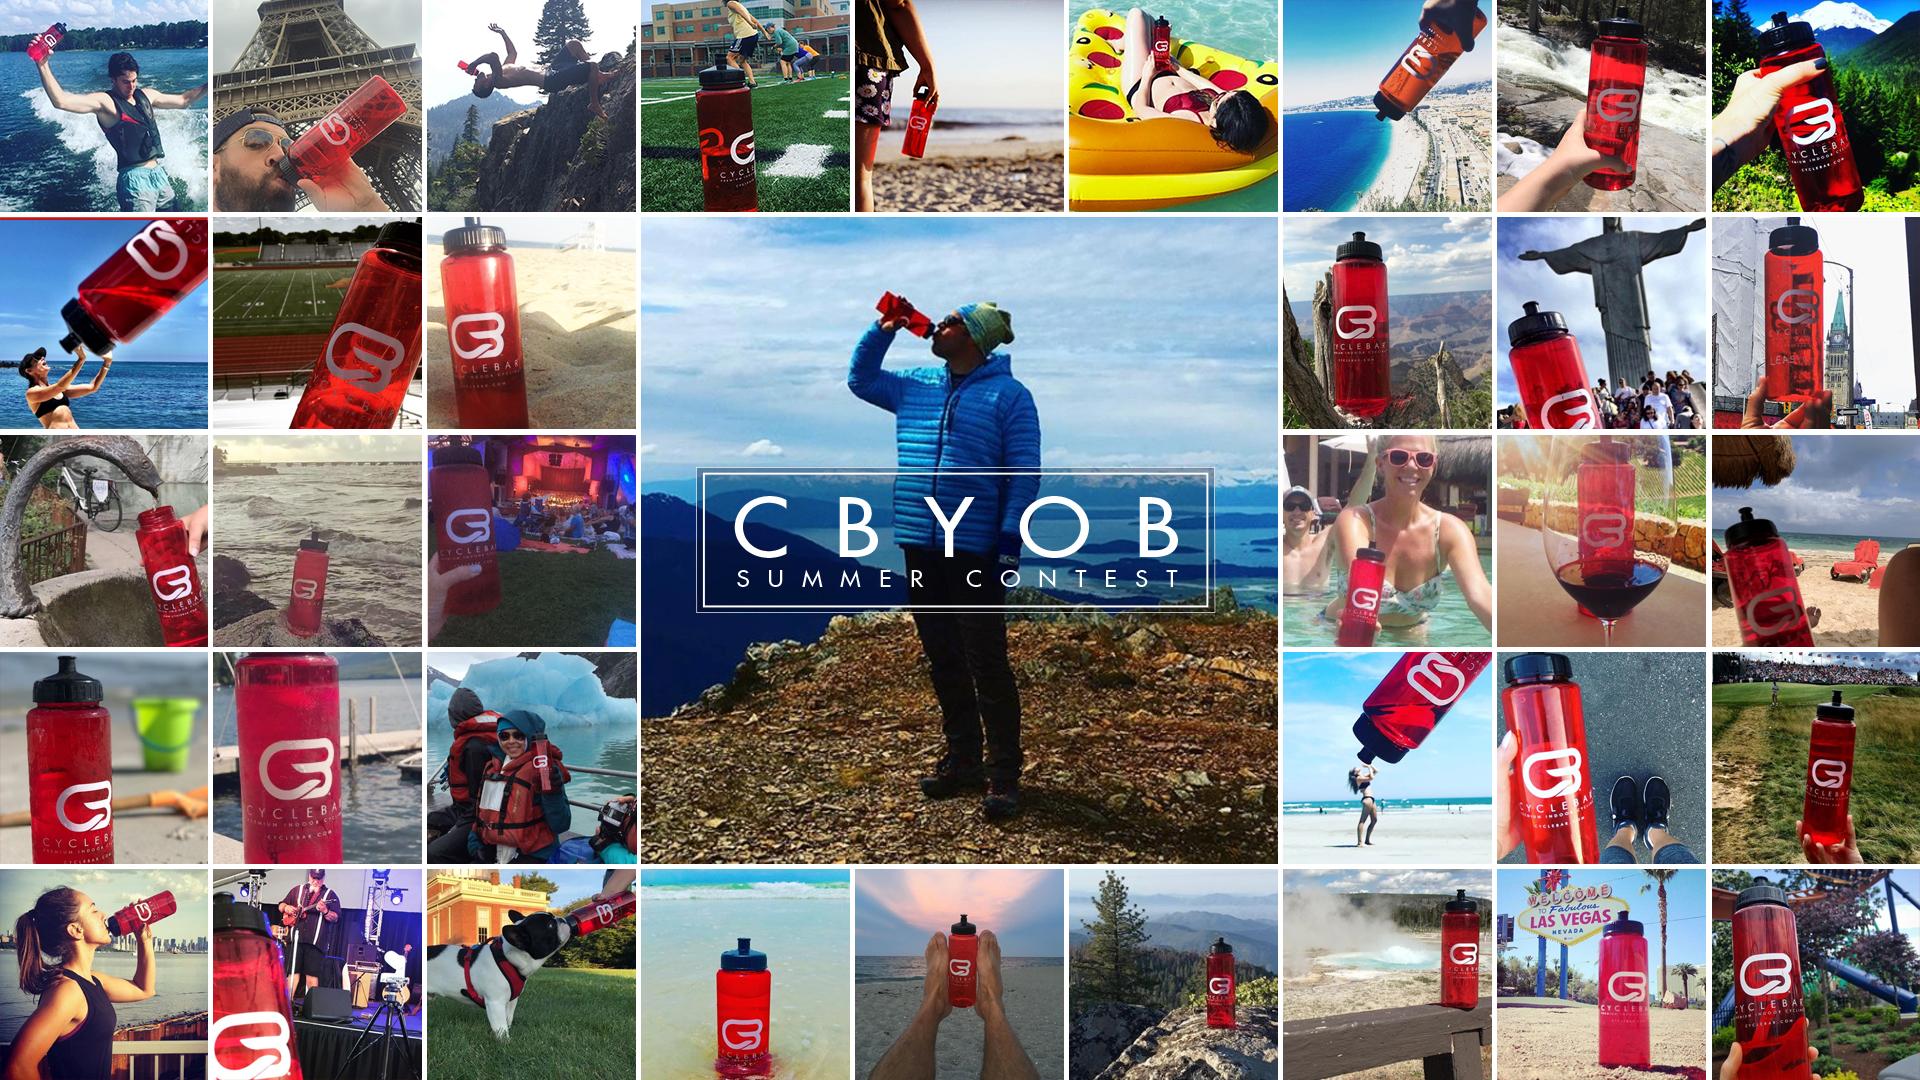 CBYOB CYCLEBAR SUMMER INSTAGRAM CONTEST